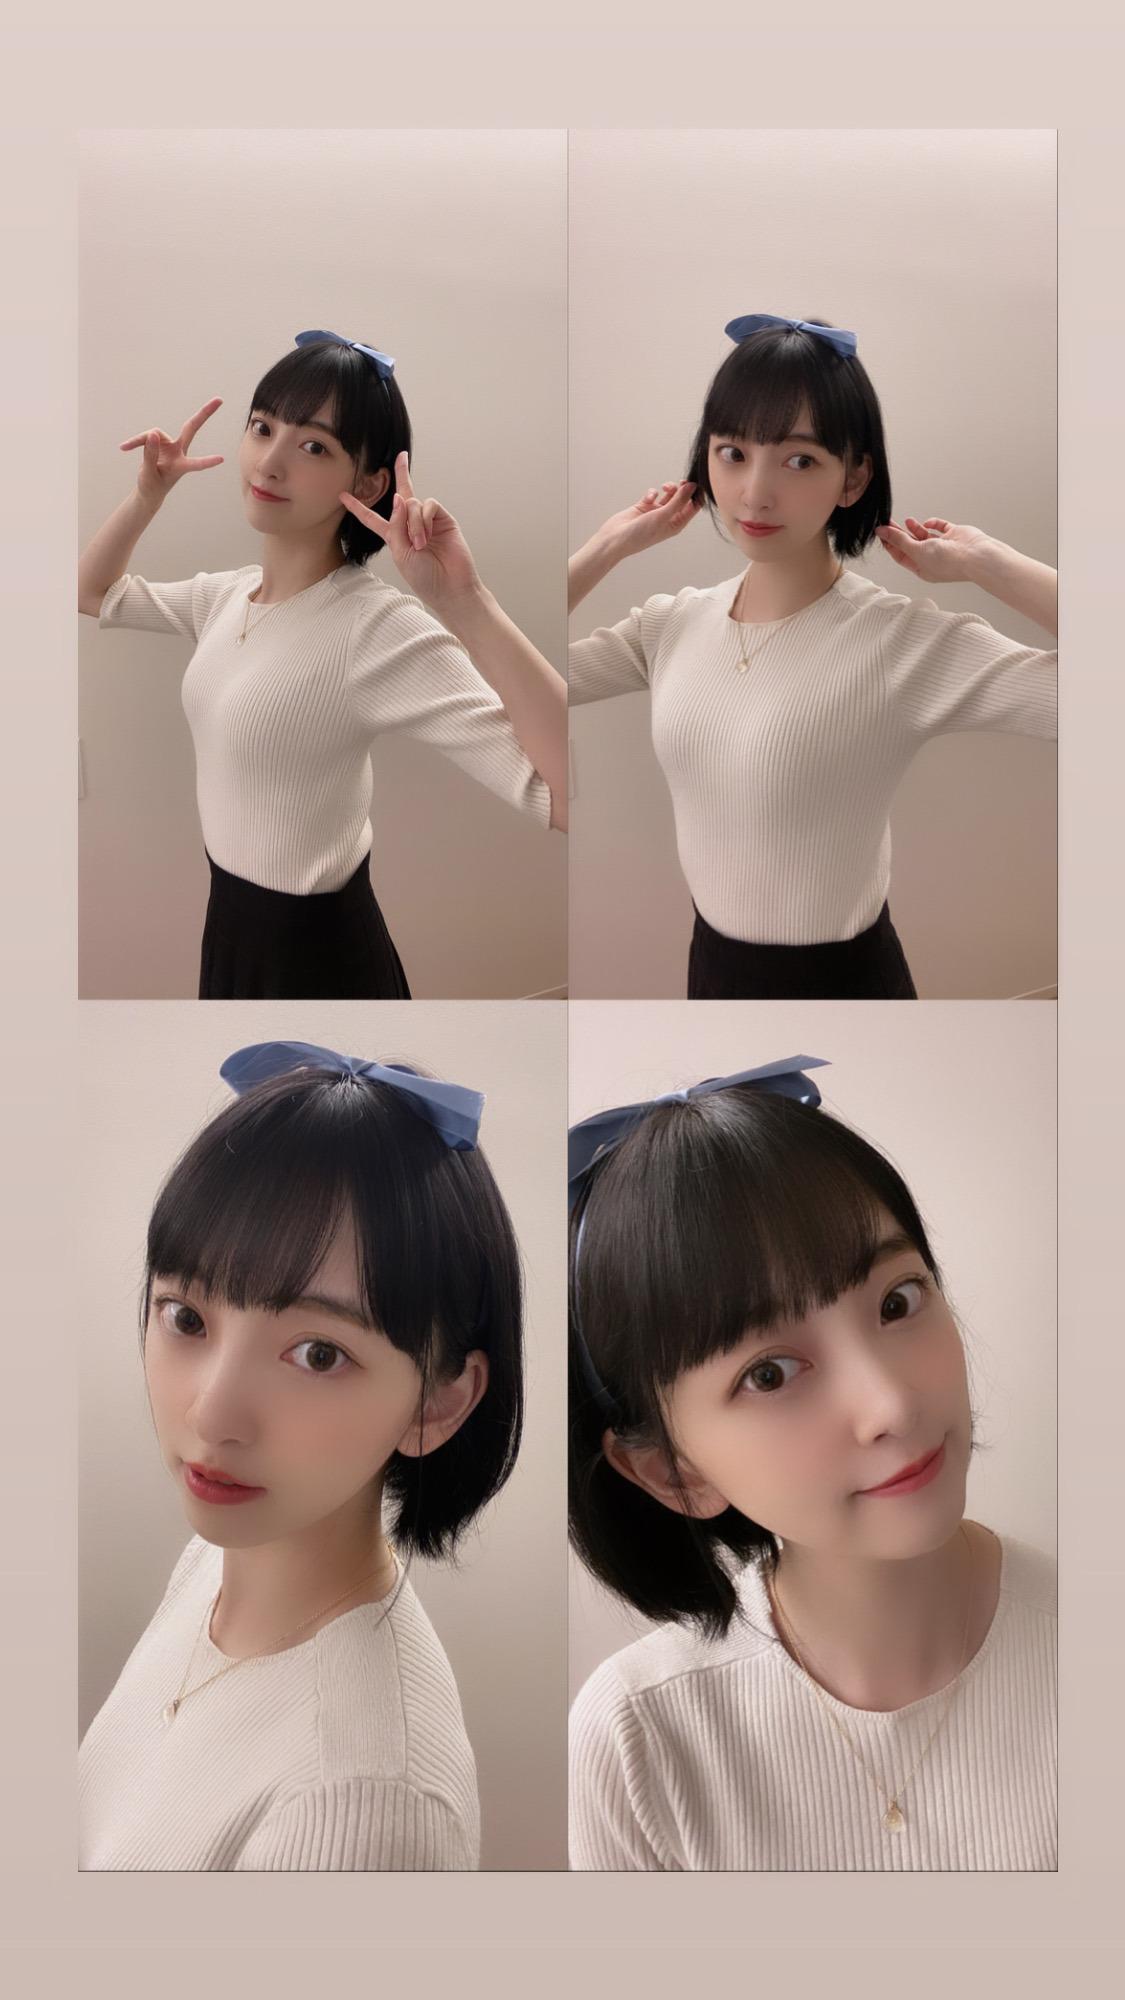 堀未央奈 更科瑠夏 コスプレ2